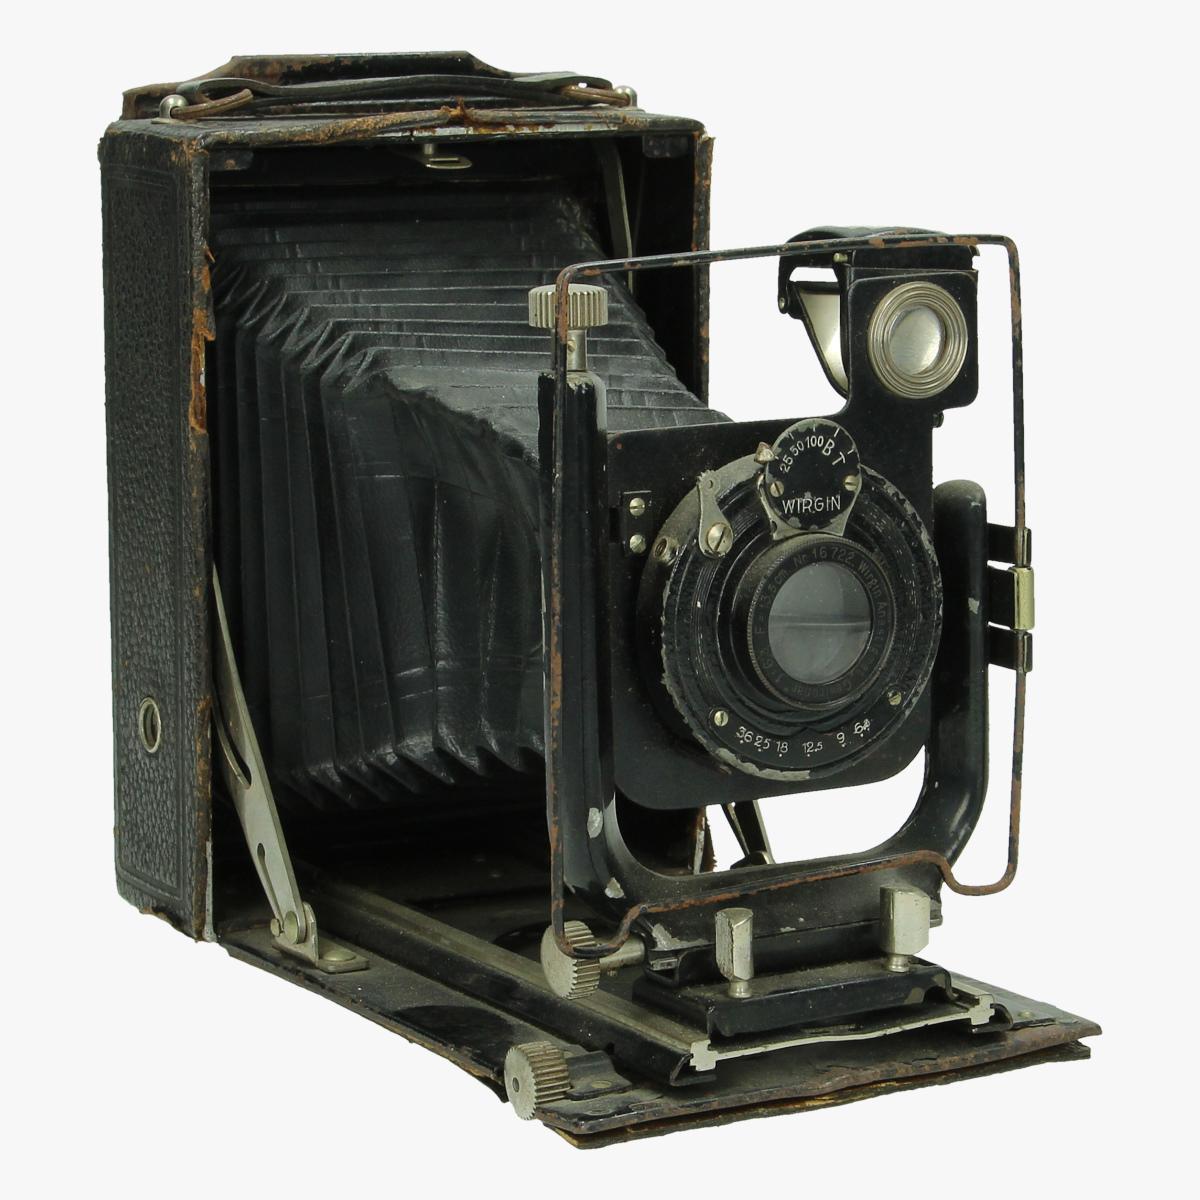 Afbeeldingen van fotocamera yoigländer